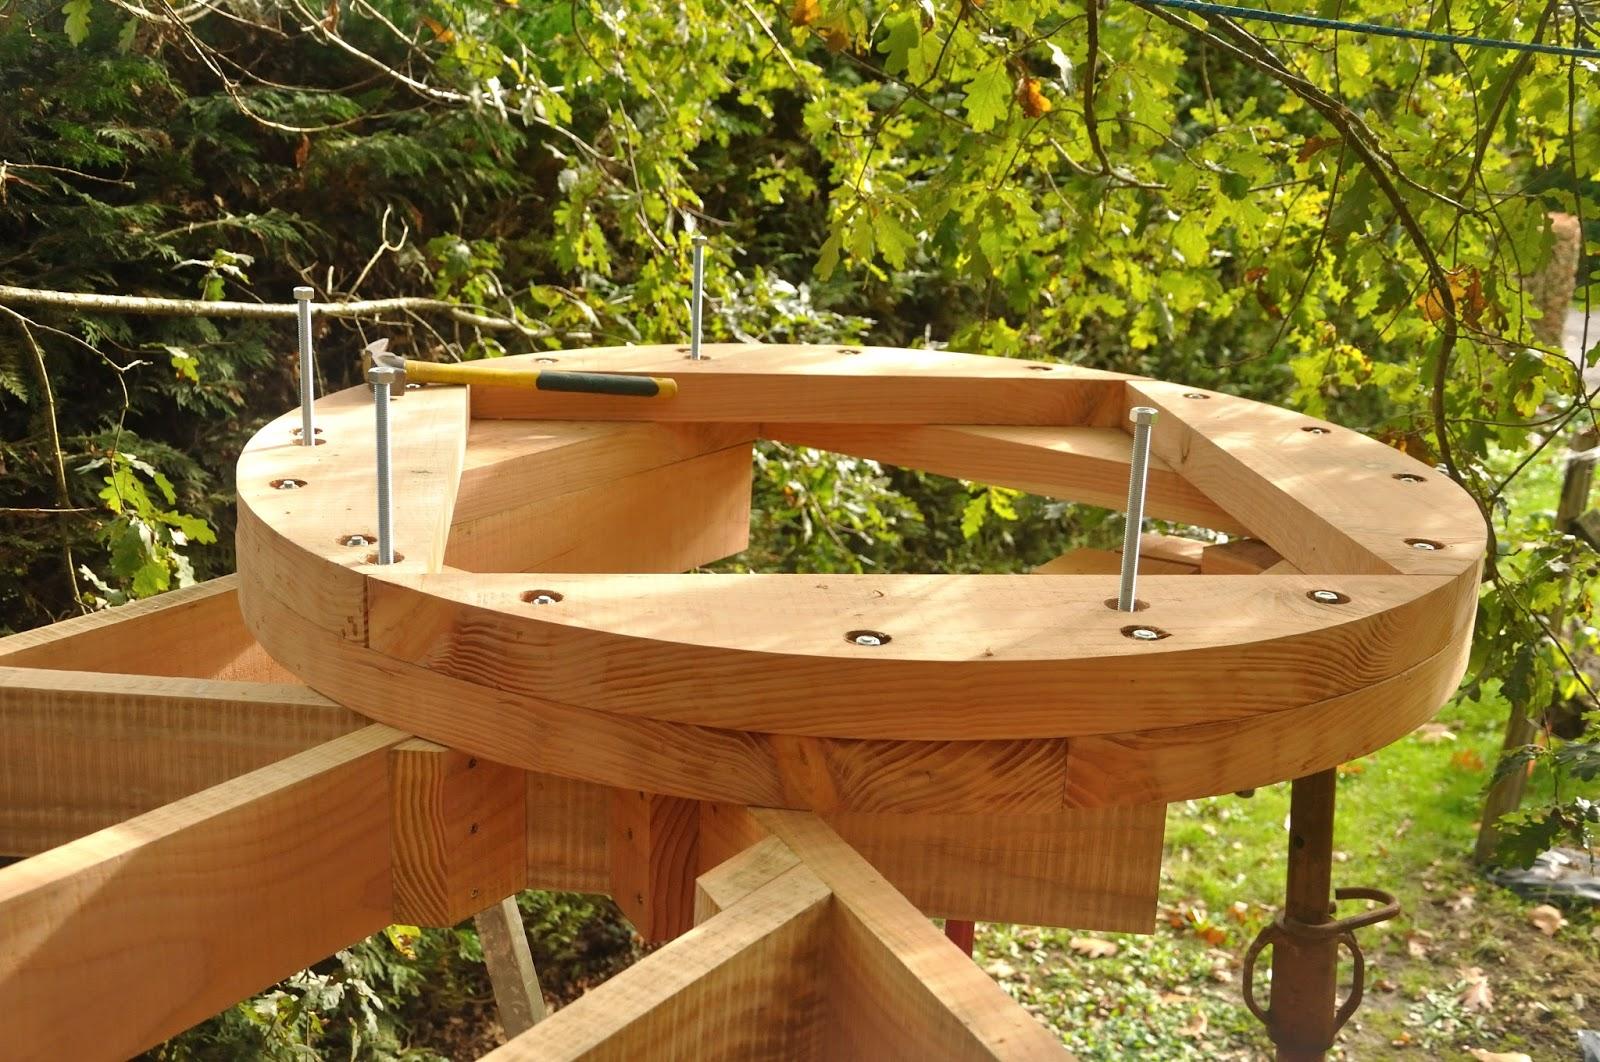 fixation de la structure du plancher cabane 3 la cabane de prout et nonosse. Black Bedroom Furniture Sets. Home Design Ideas